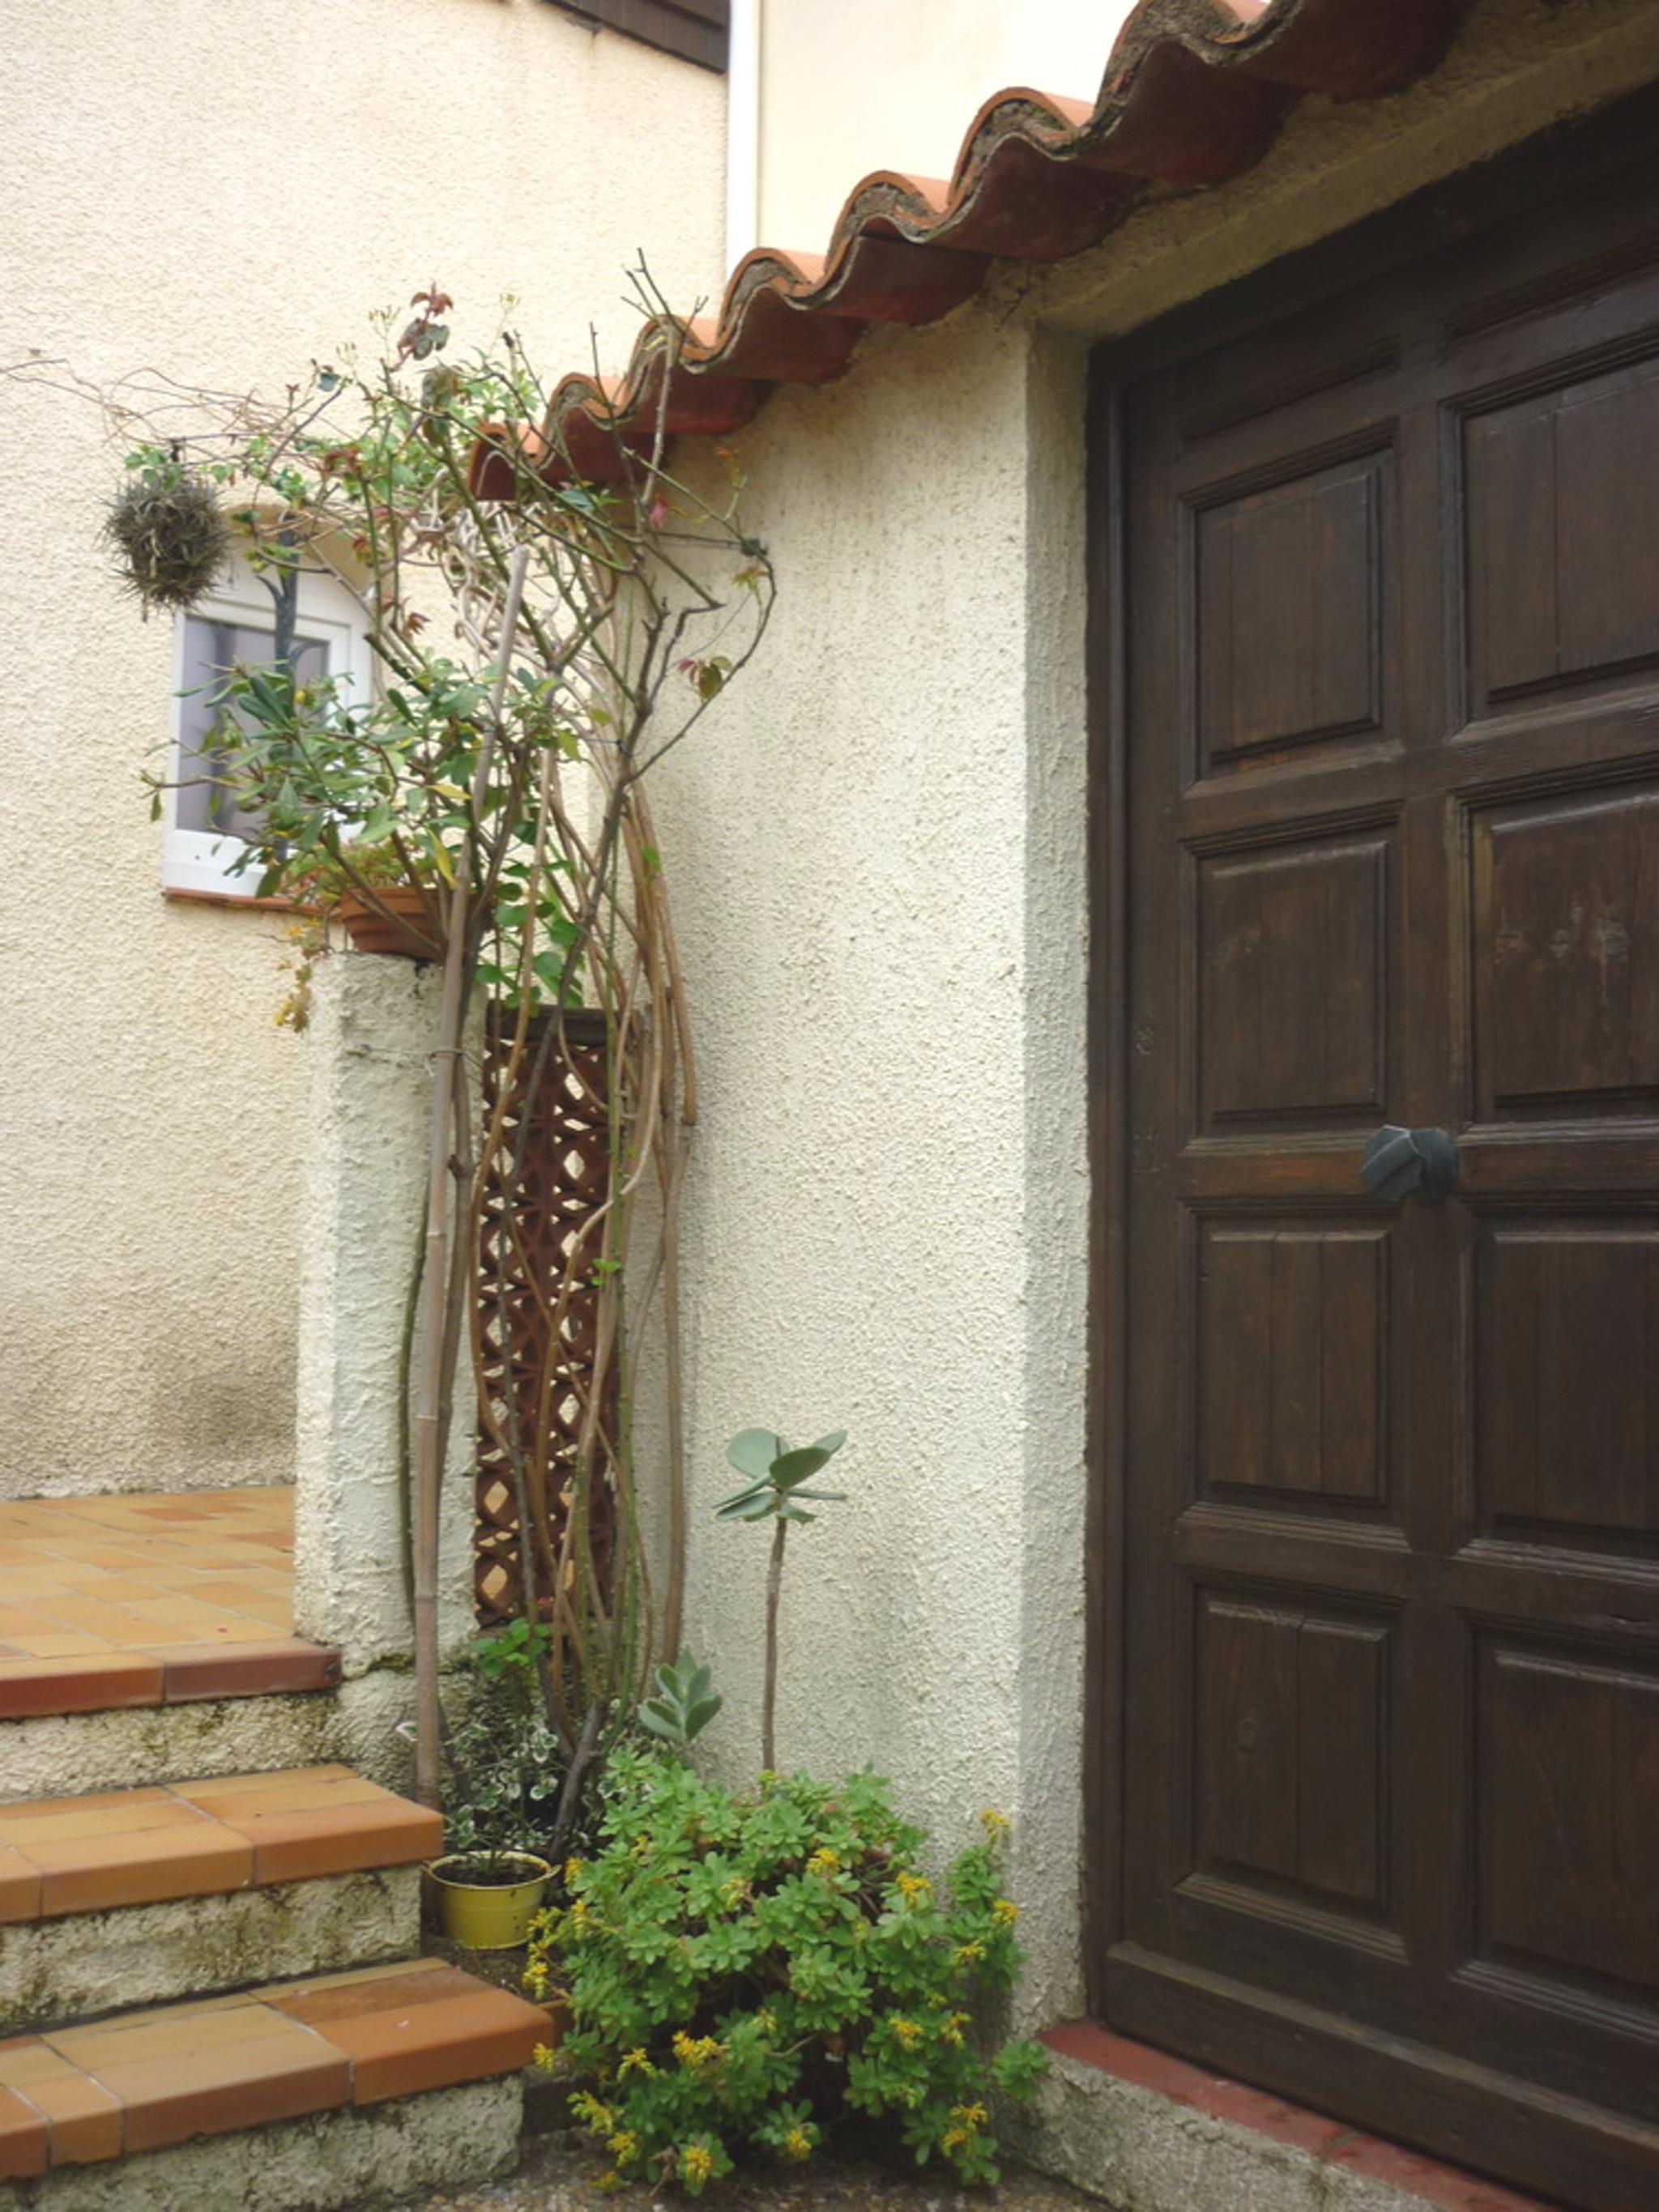 Ferienhaus Haus mit 2 Zimmern in Sainte-Marie mit eingezäuntem Garten - 150 m vom Strand entfernt (2202719), Sainte Marie la Mer, Mittelmeerküste Pyrénées-Orientales, Languedoc-Roussillon, Frankreich, Bild 20